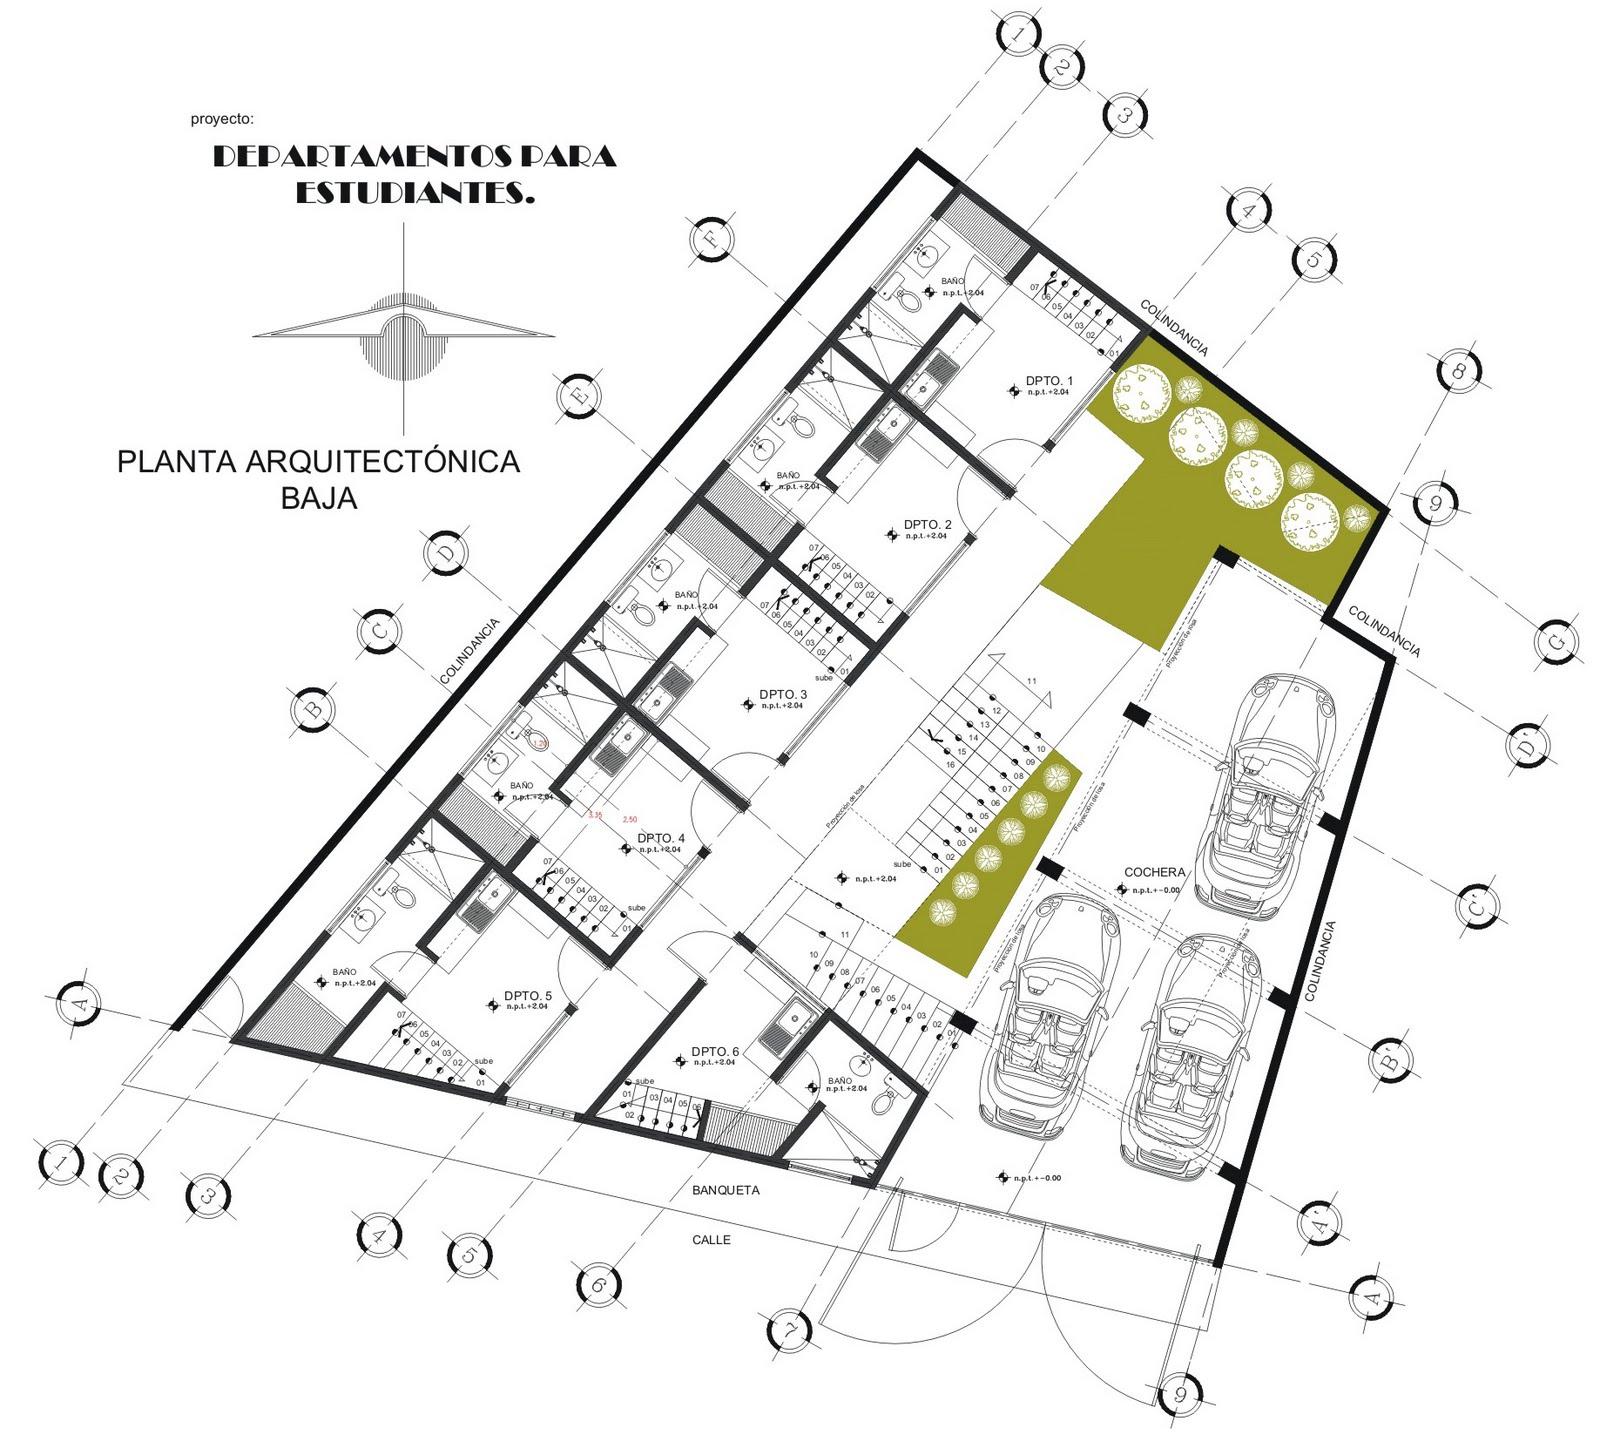 Baño Vestidor Planta:DIBUJOS y PROYECTOS Arq Francisco A: PROYECTO:DEPARTAMENTOS PEQUEÑOS